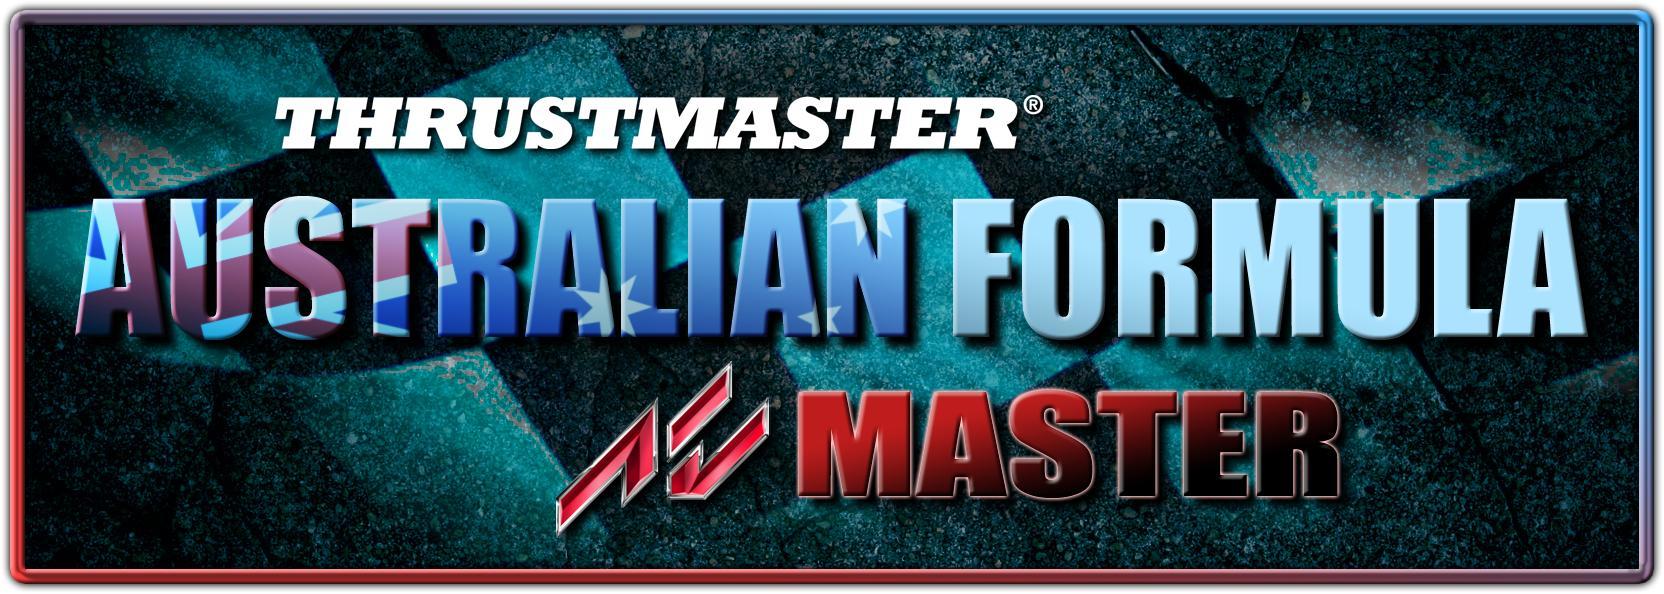 RD Thrustmaster AFM smaller logo.jpg